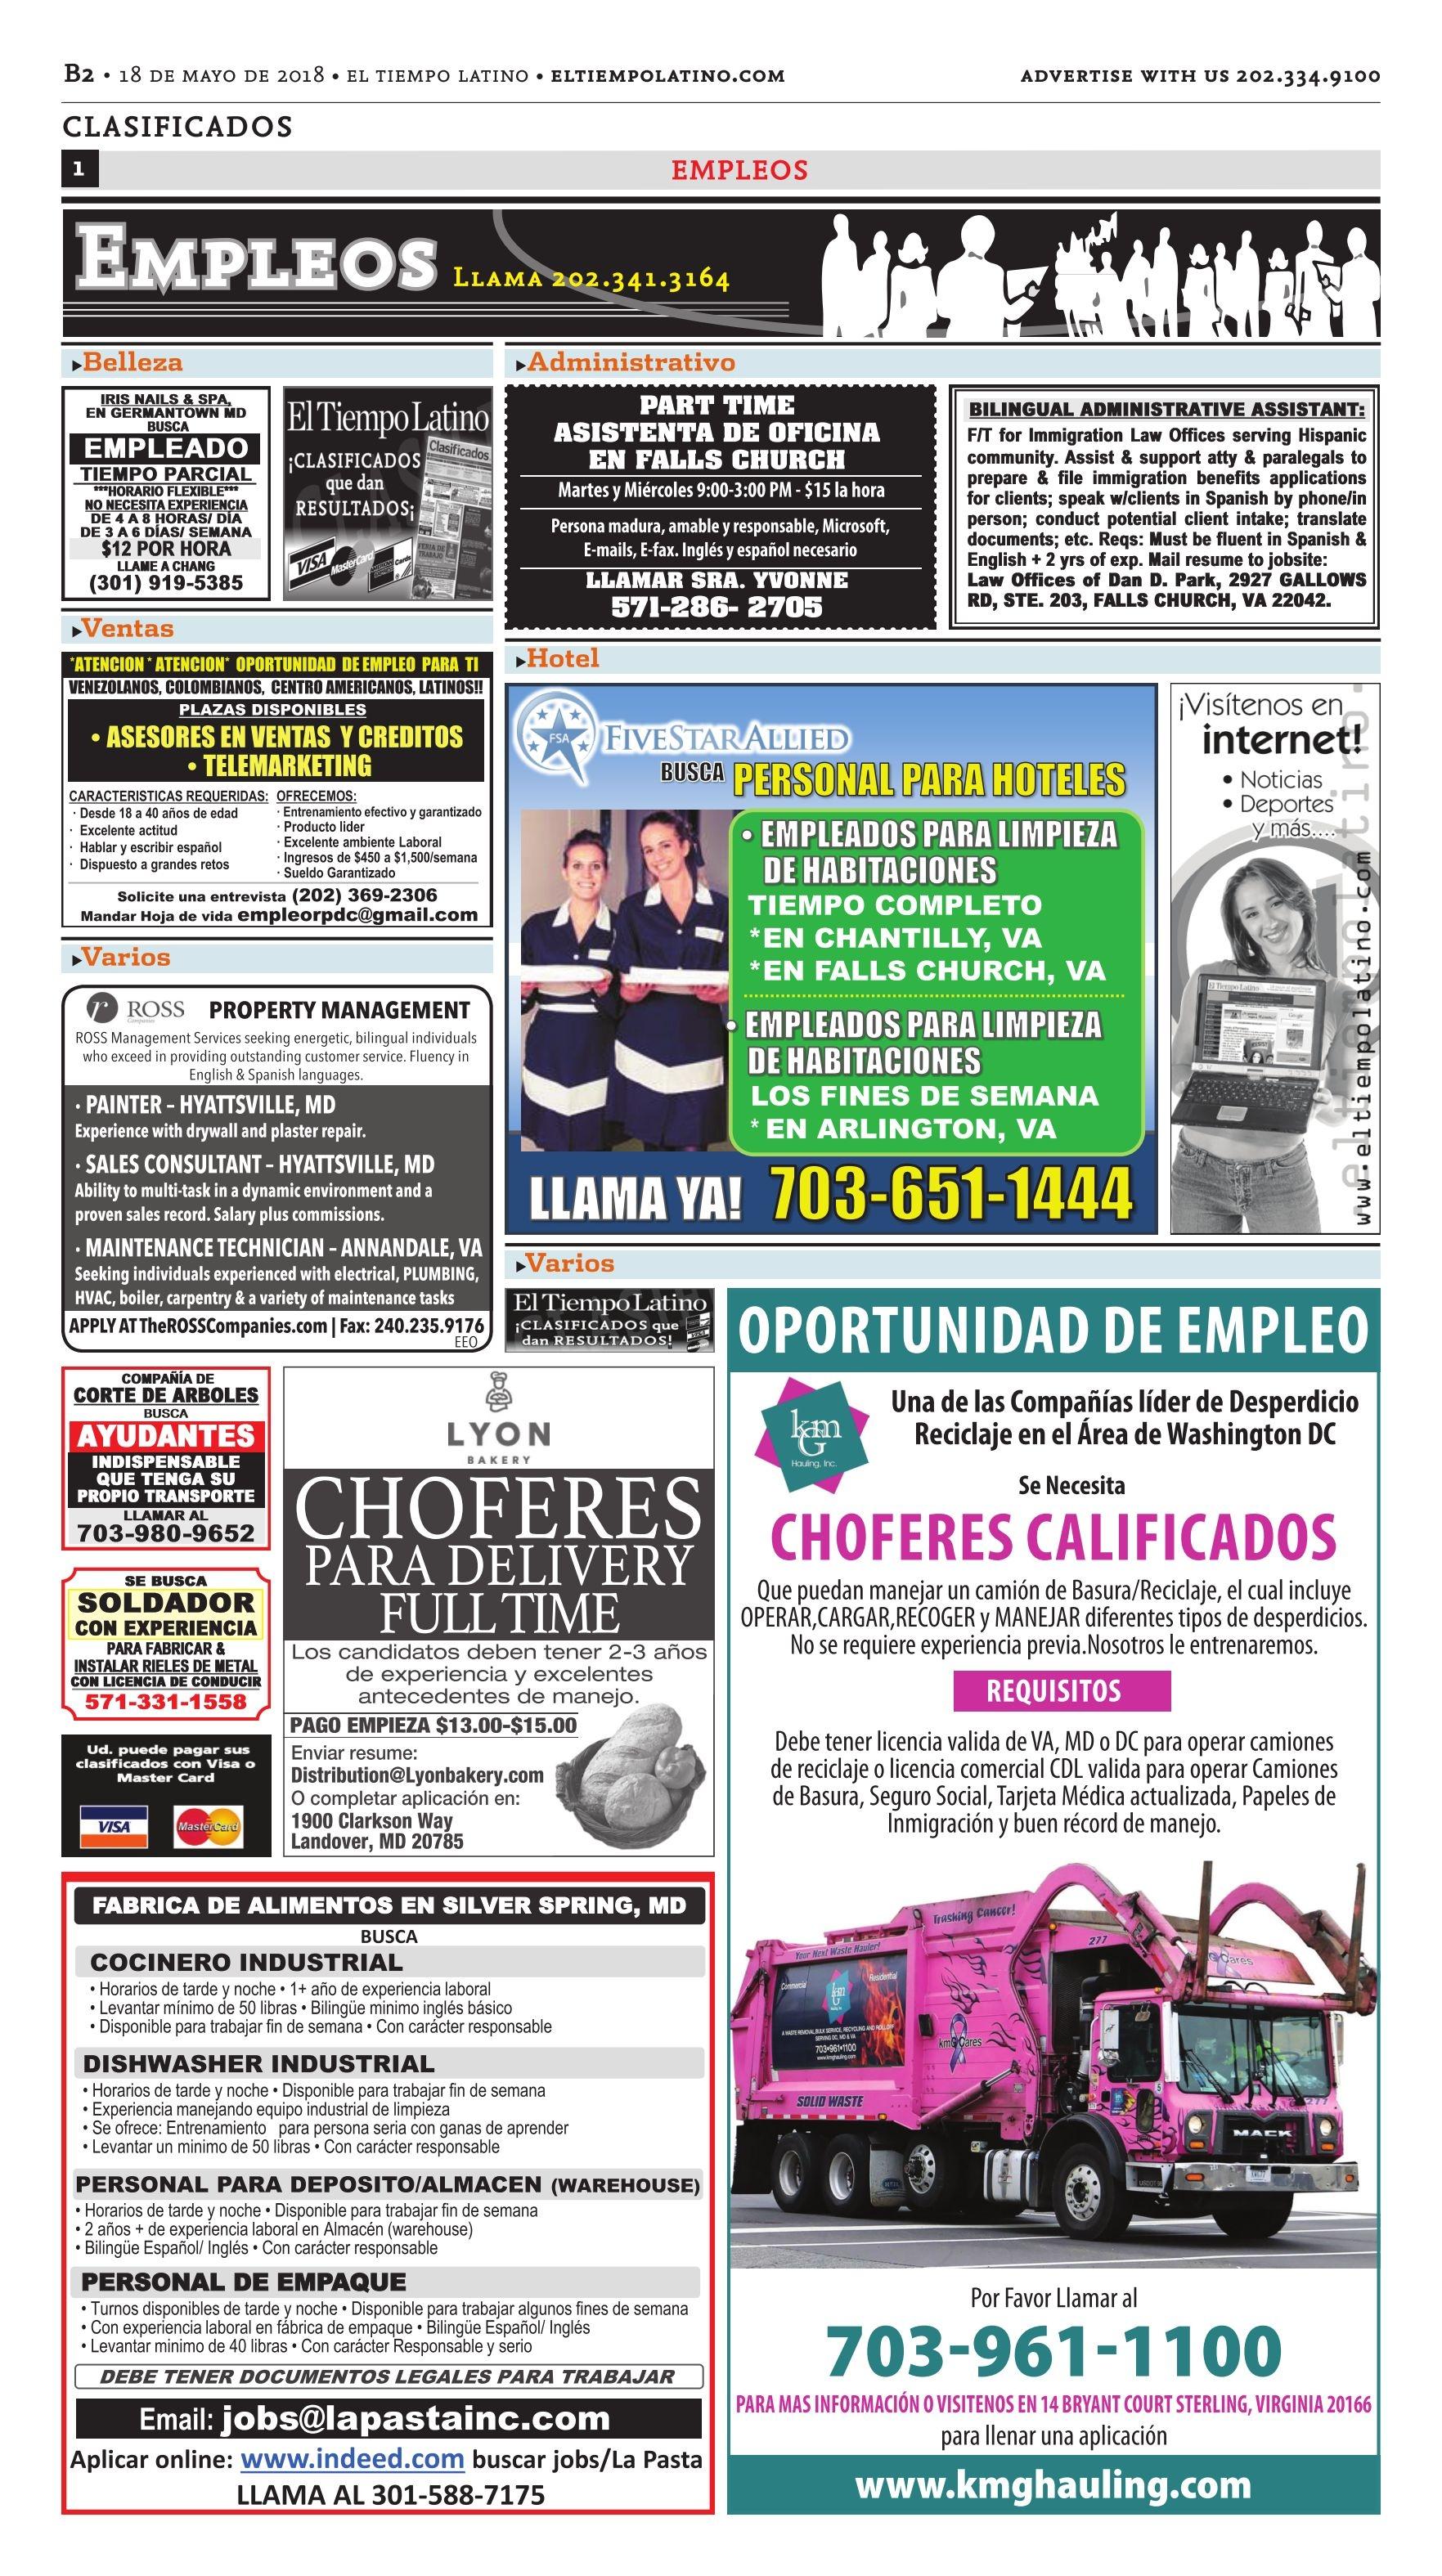 El Tiempo Latino, 05-18-2018 - Page 18